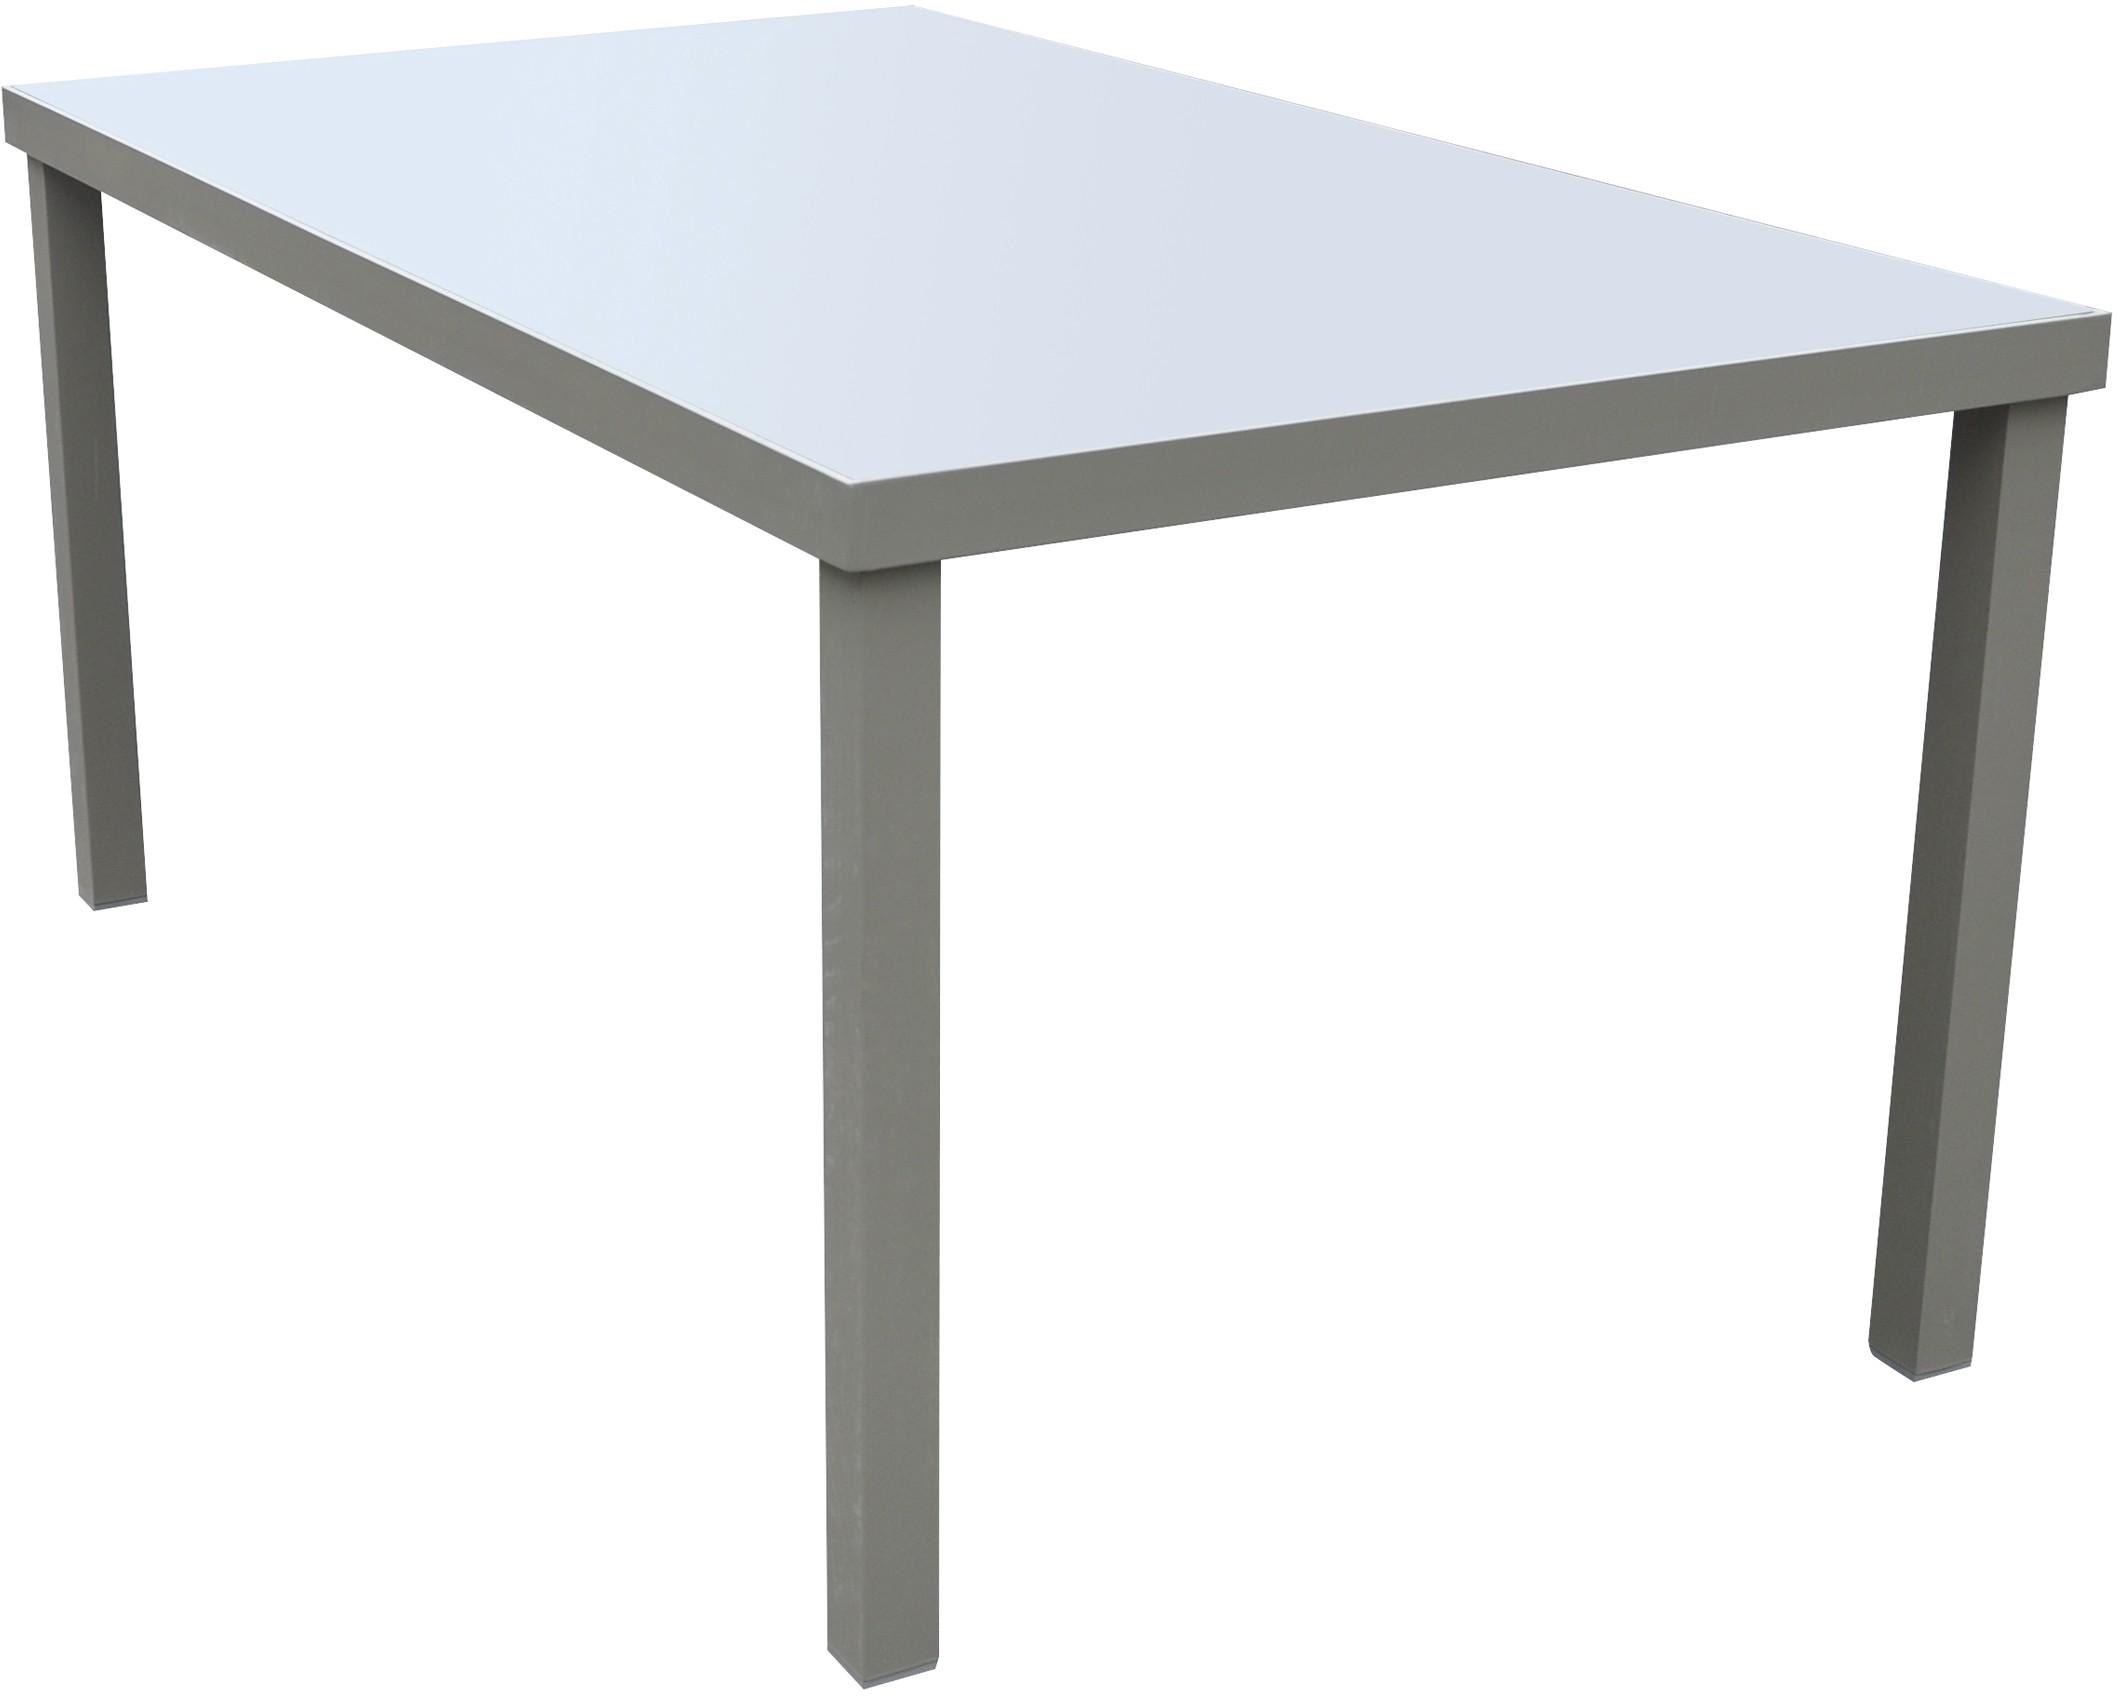 FORNORD Table de jardin alu/verre champagne/taupe L.160 x l ...